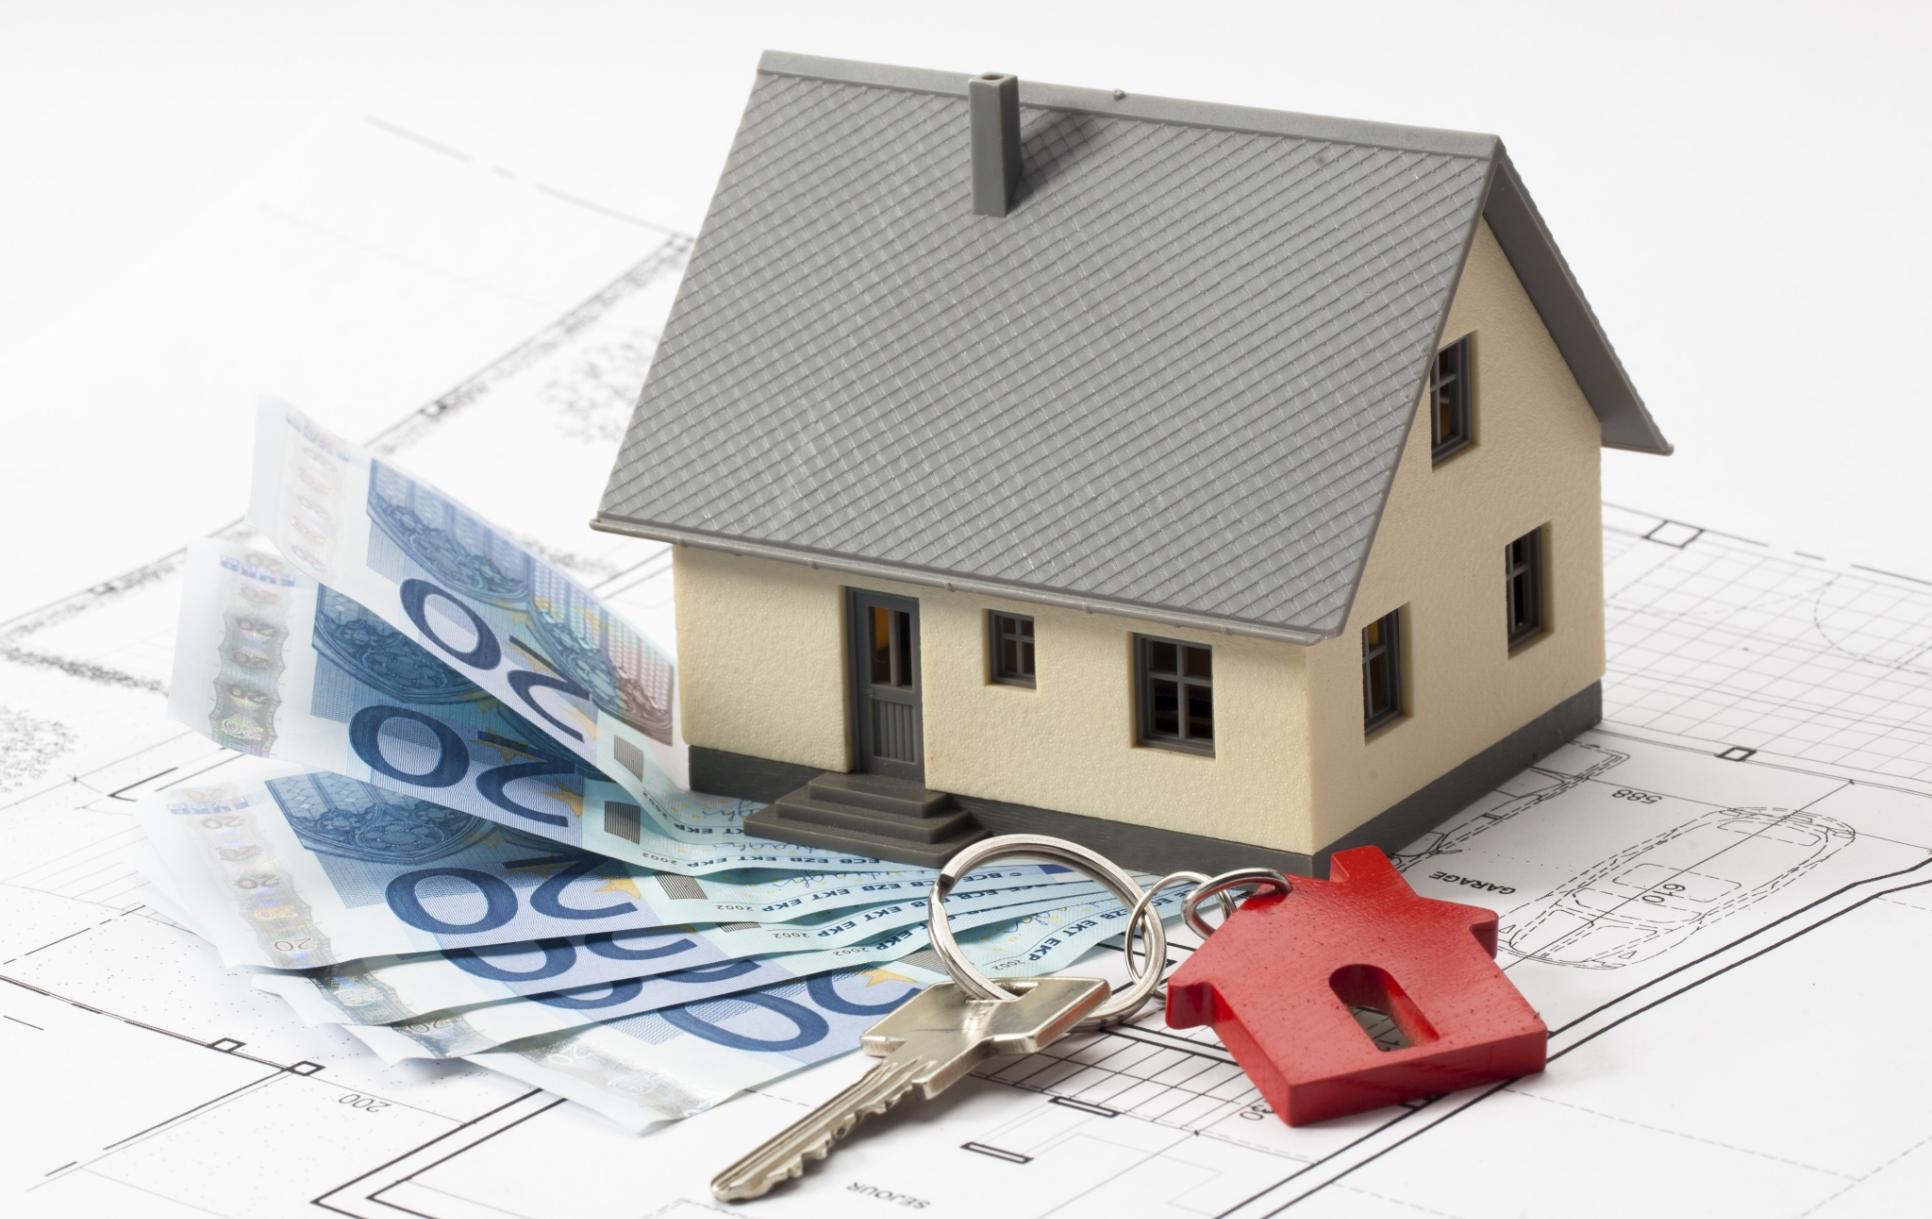 Mutuo surroga possibile risparmiare pi di euro al for Posso ottenere un mutuo per costruire una casa